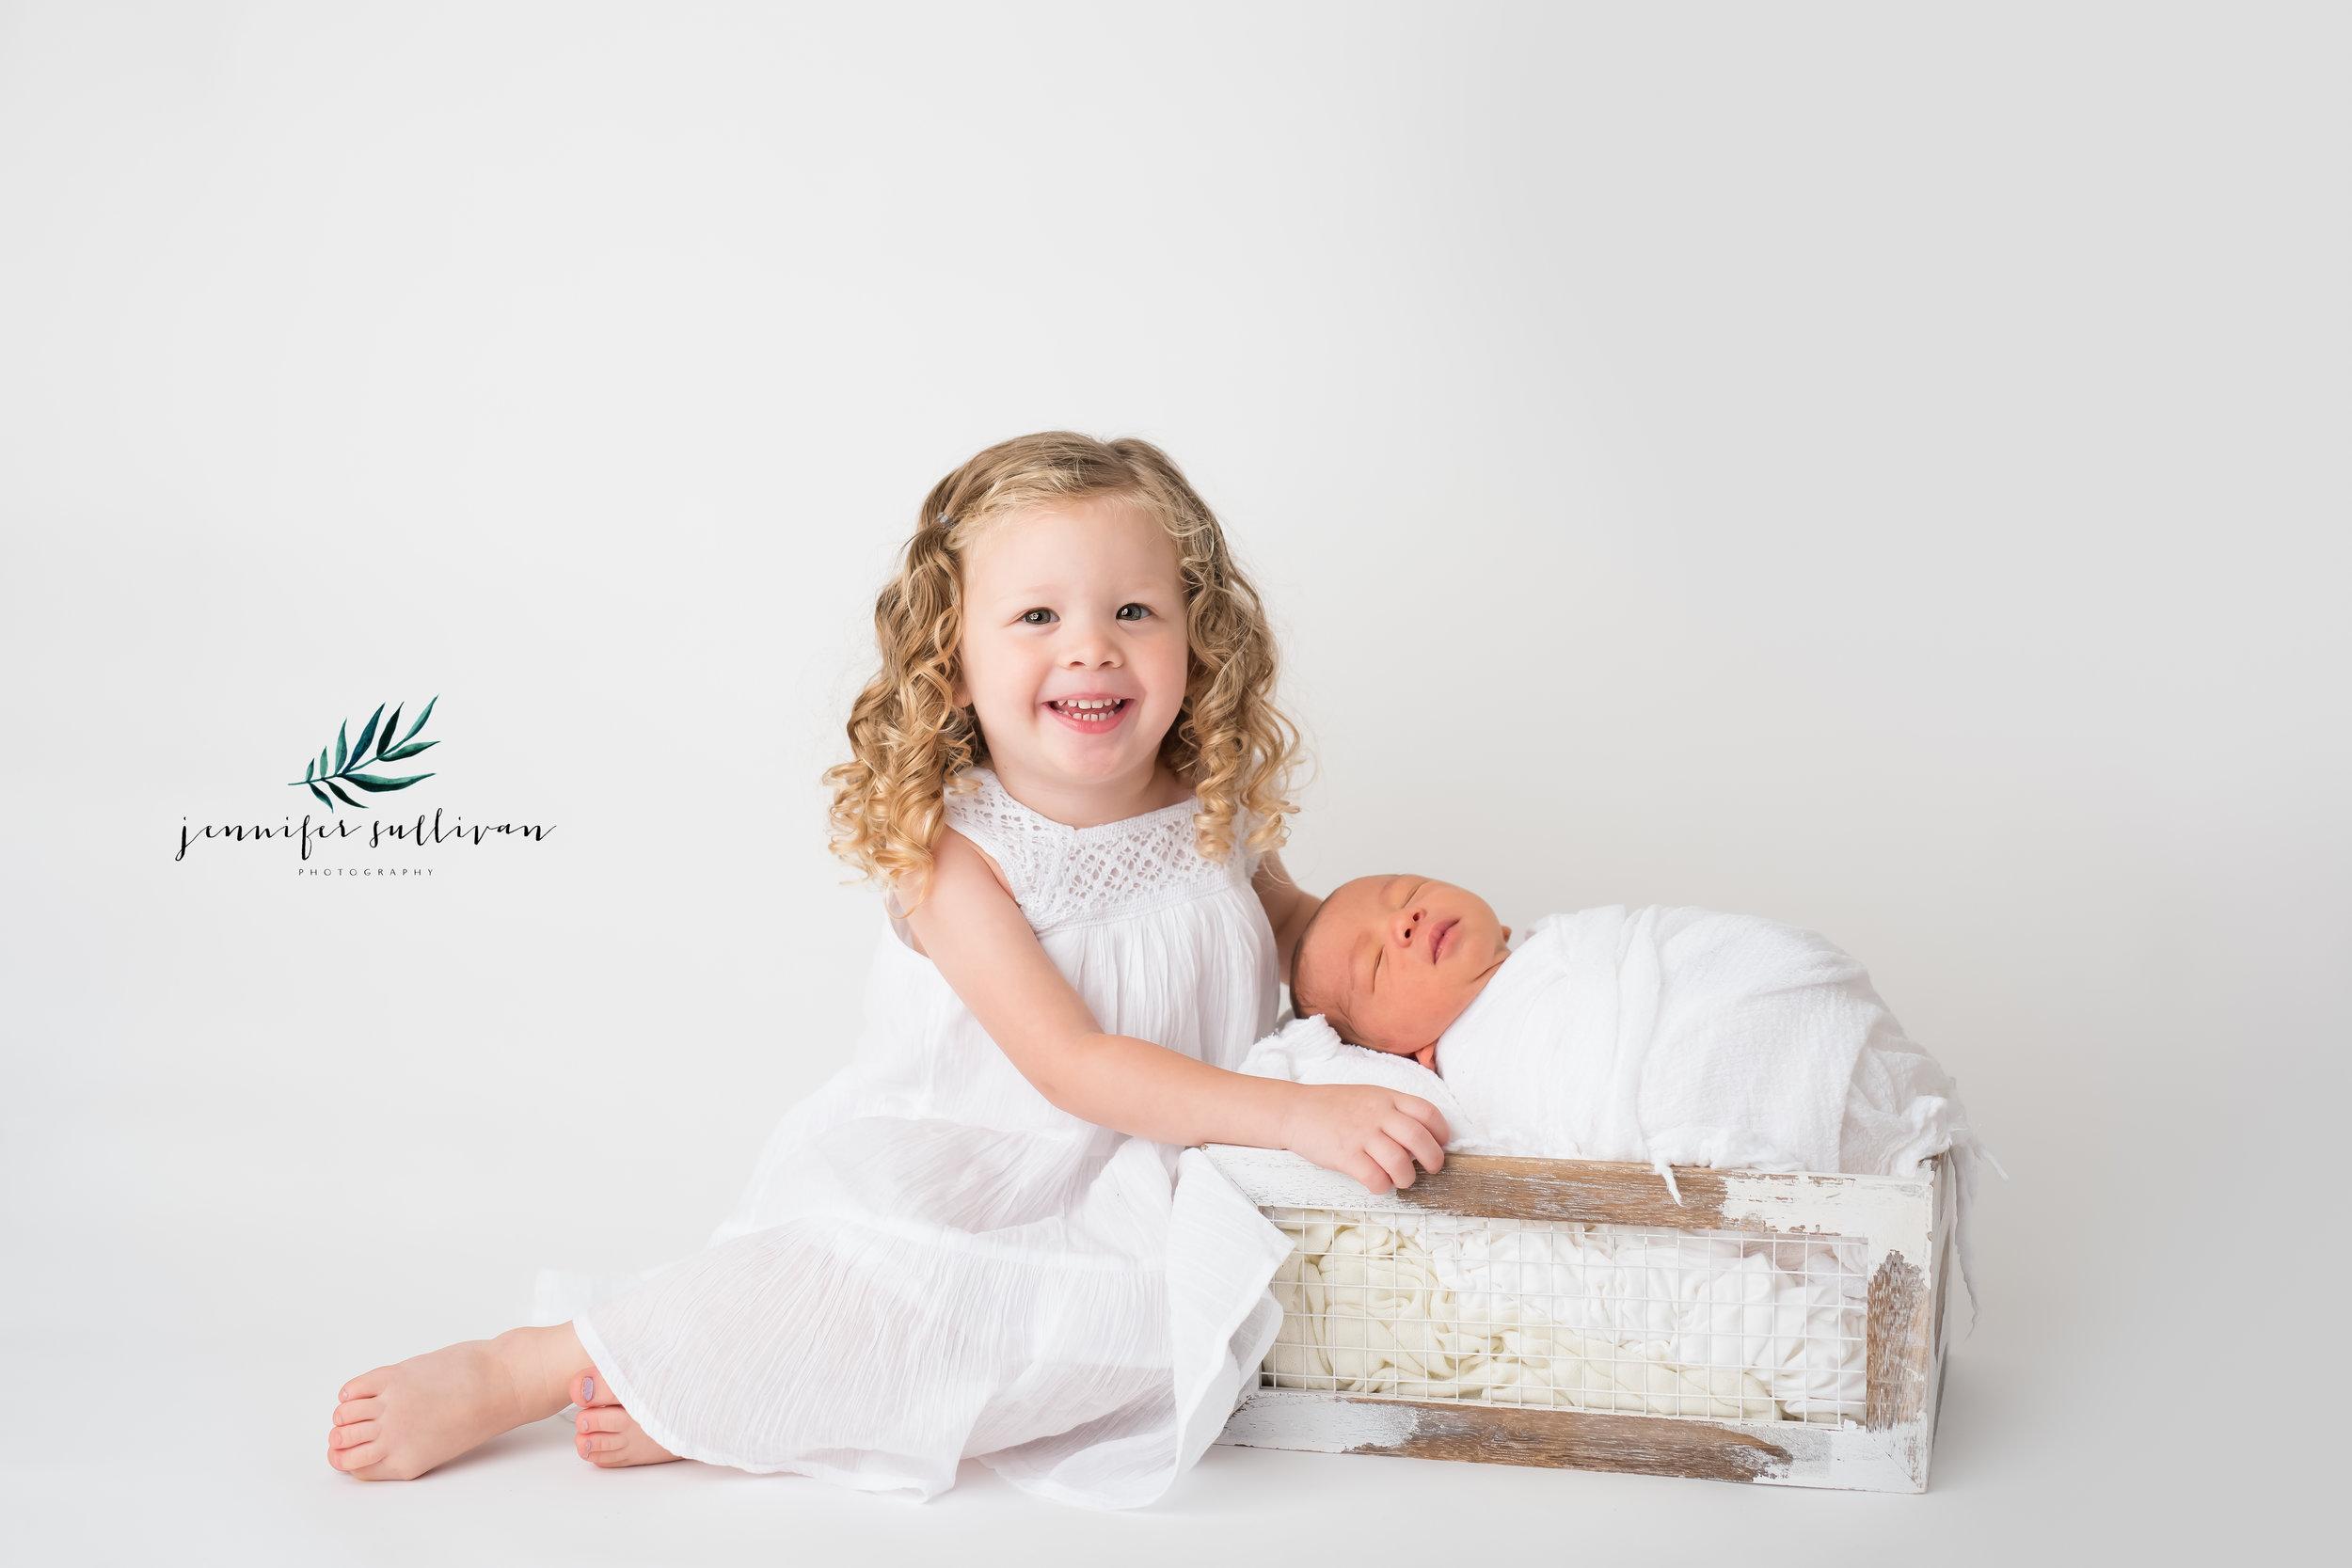 dartmouth baby photographer newborn-404-2.jpg